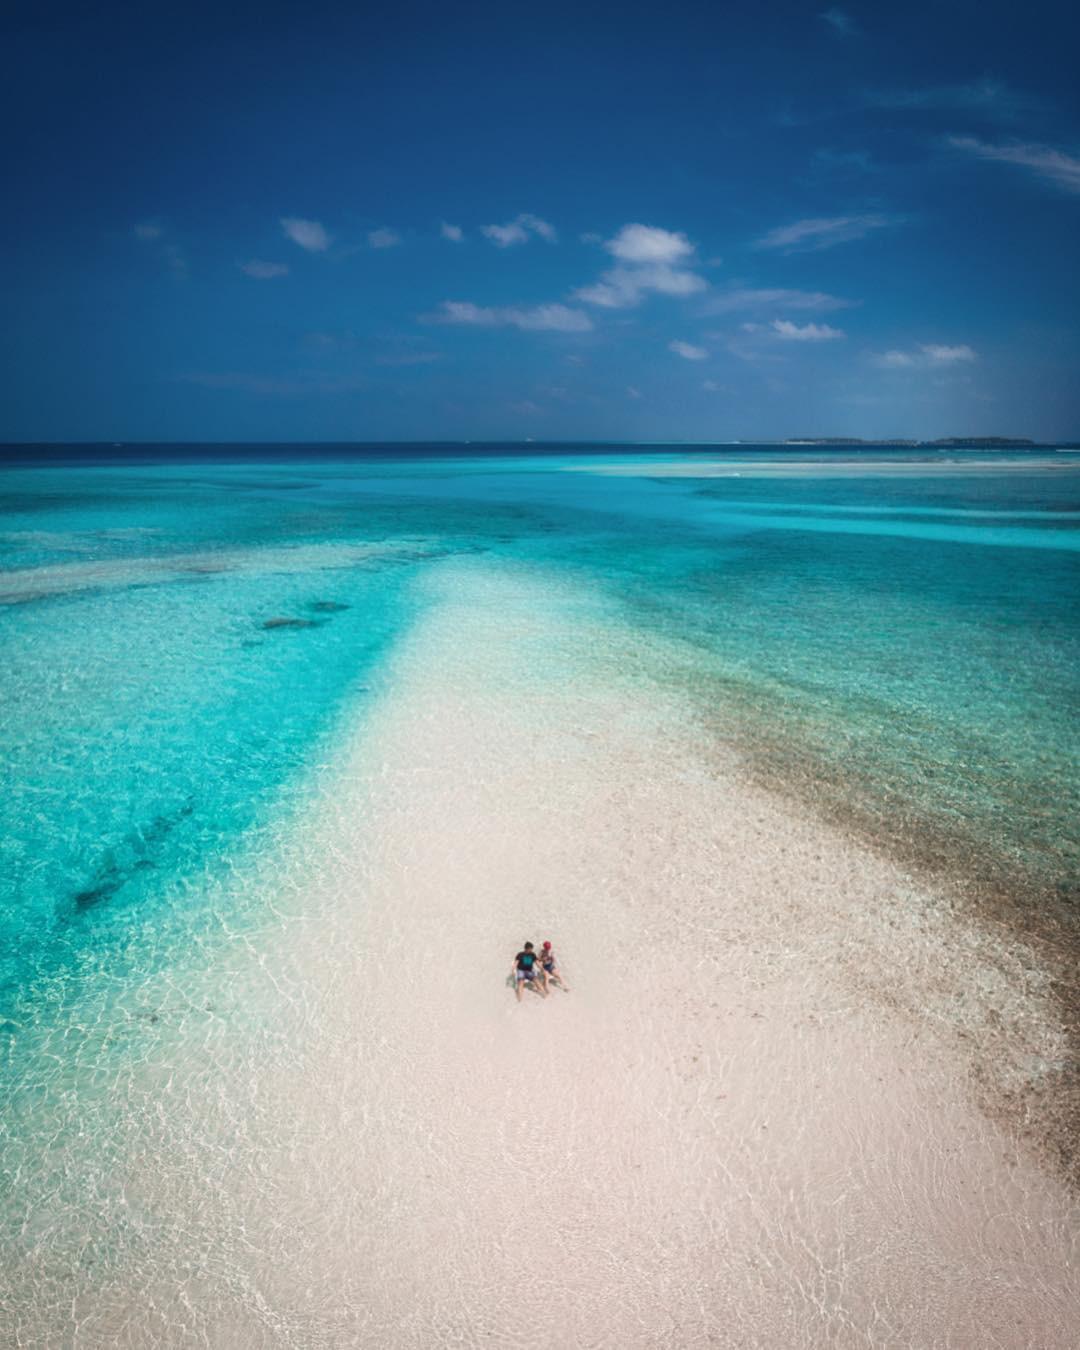 Bộ ảnh thiên đường hạ giới Maldives vừa được cô gái Việt Nam check in trông cũng rất gì và này nọ - Ảnh 3.